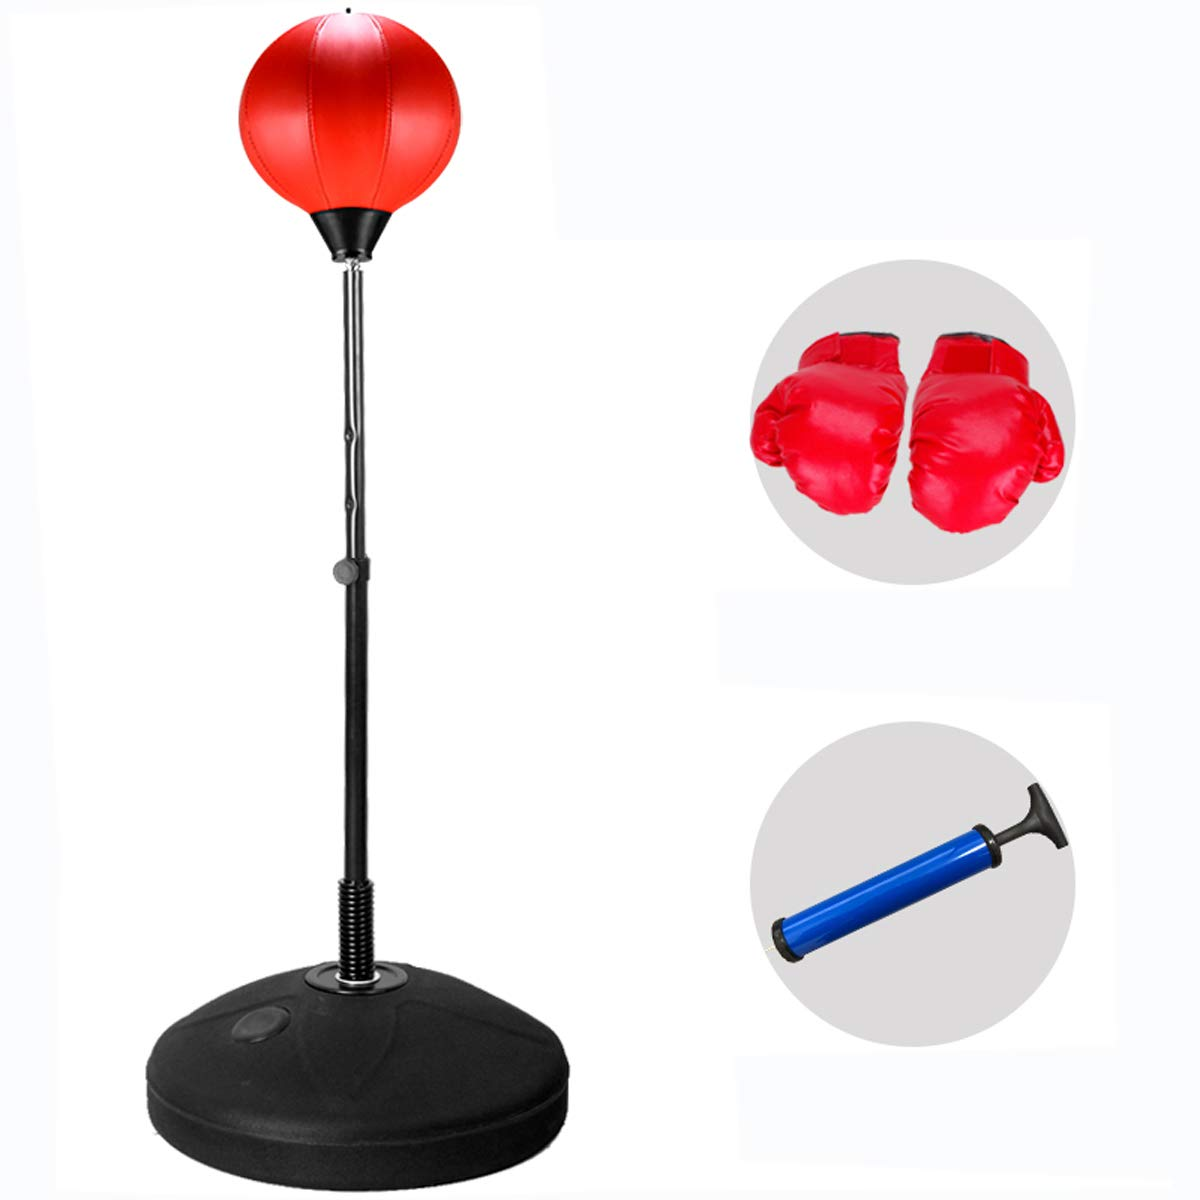 人気ブランドを Tonyko 調節可能 自立式 B07MGXRB1D パンチングスピードボールバッグ Tonyko ボクシンググローブ付き 調節可能 B07MGXRB1D, 爆売り!:92e243dd --- a0267596.xsph.ru